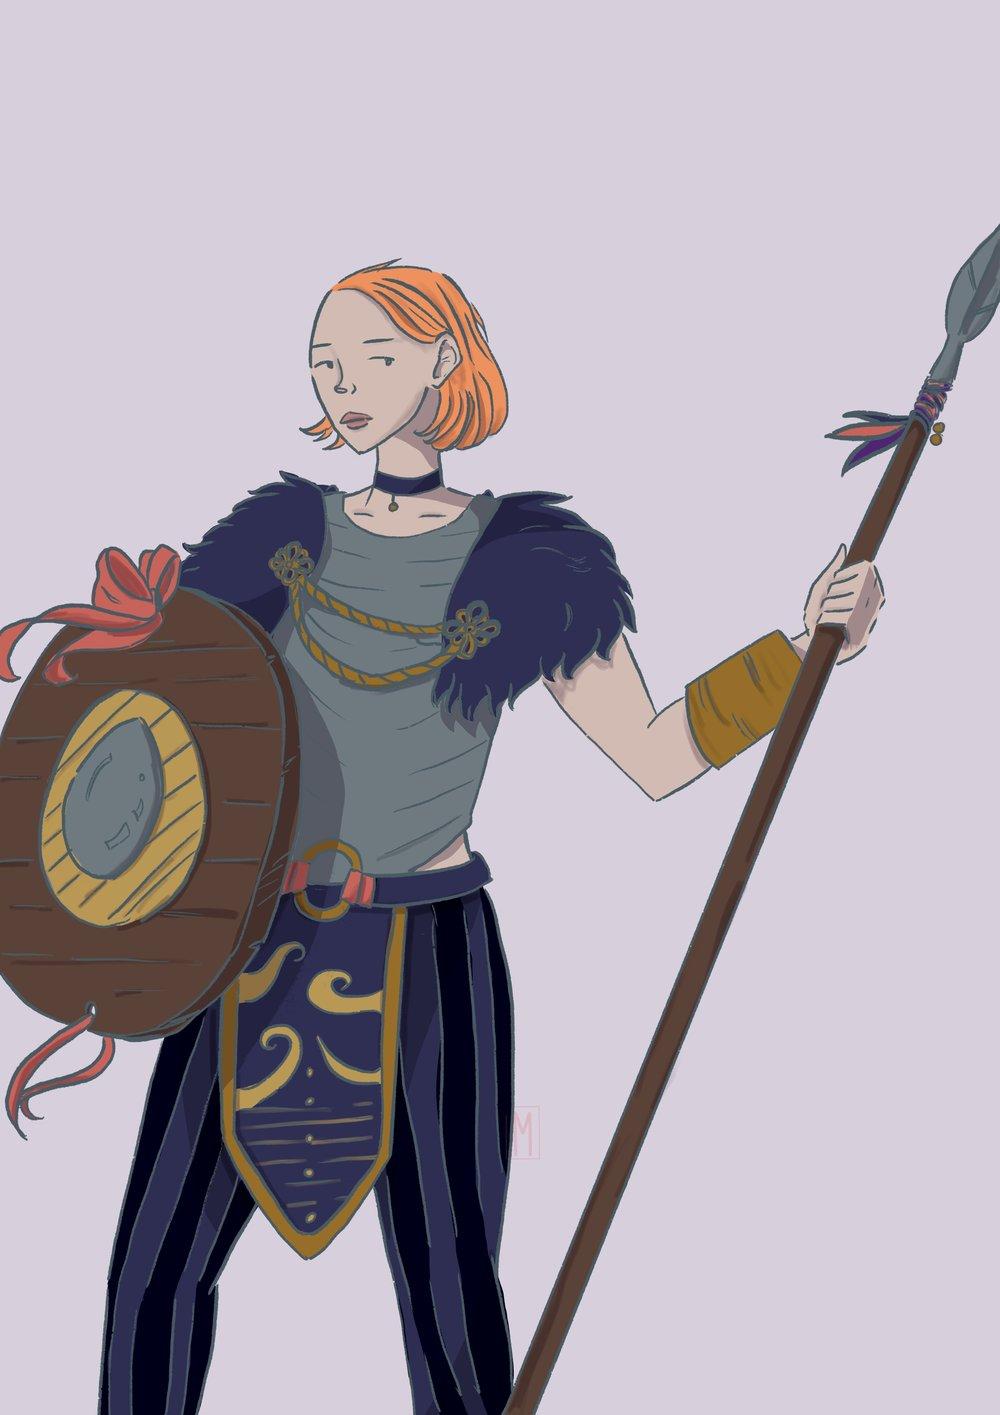 Spear Maiden. Valkyrie series. 2018.